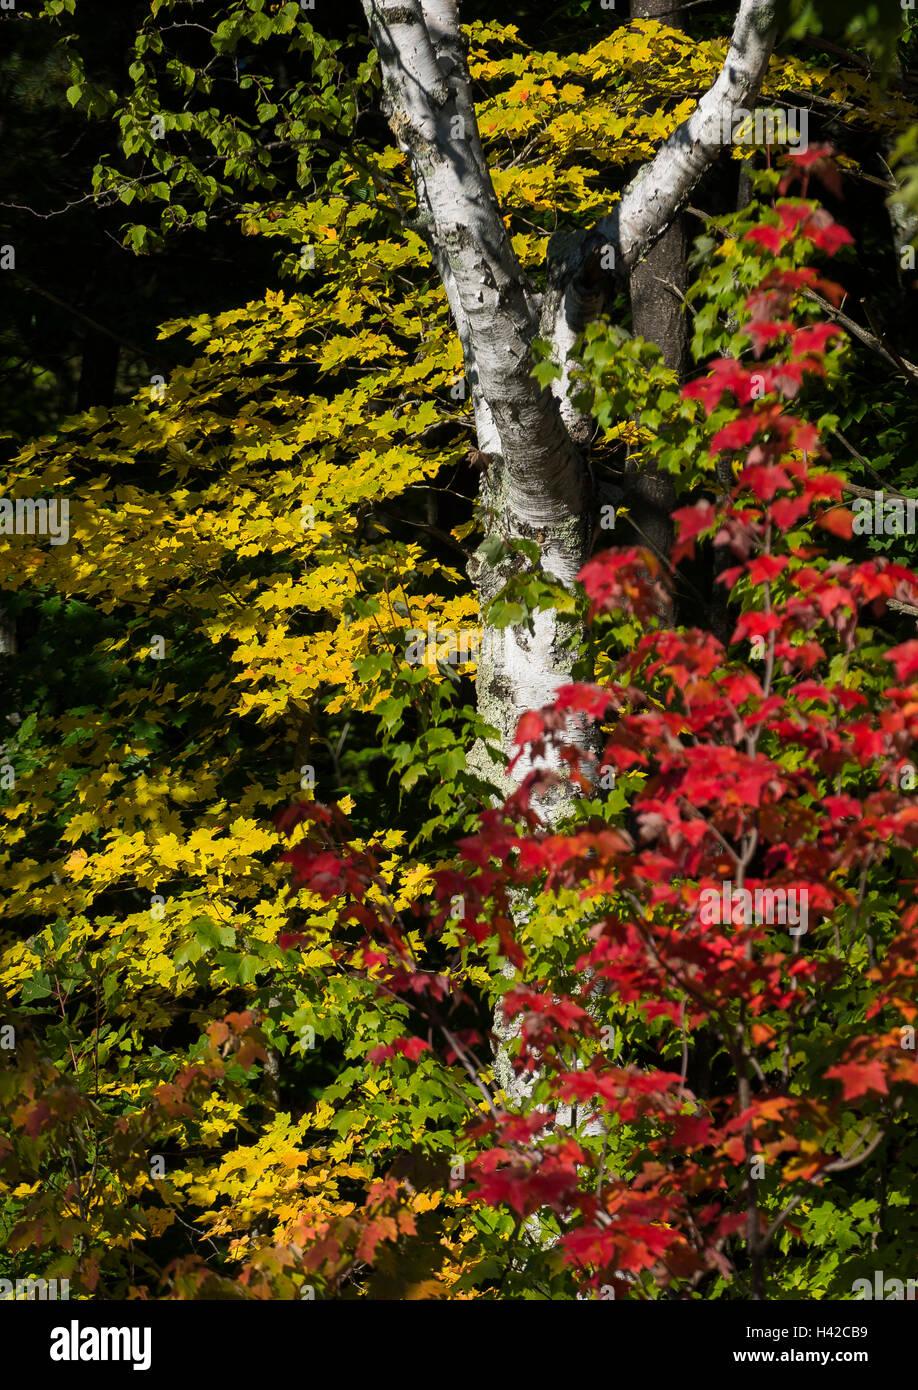 Das helle weiß der eine Birke steht im Kontrast zu den wechselnden Farben eines Neuengland im Herbst. Stockfoto